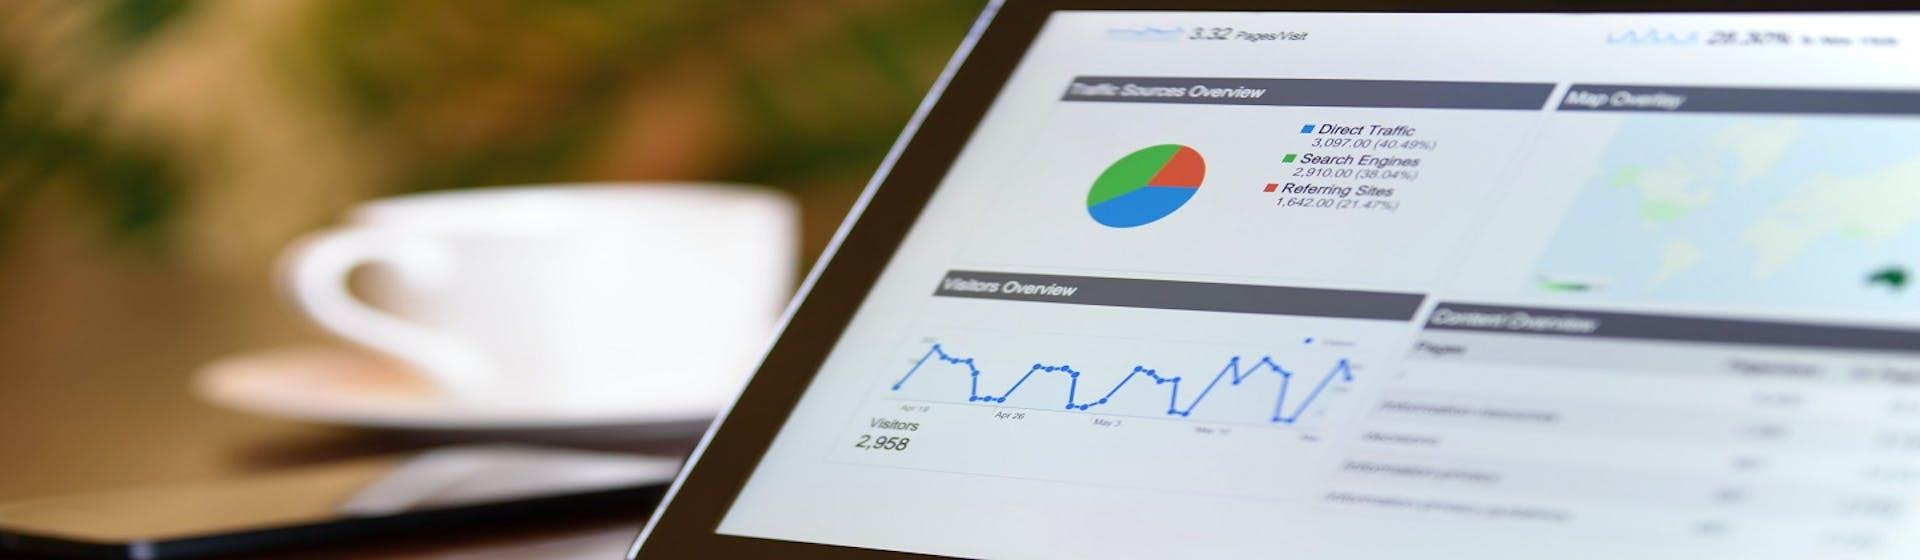 Browseo: La herramienta SEO ideal para ver cómo Google percibe tu contenido